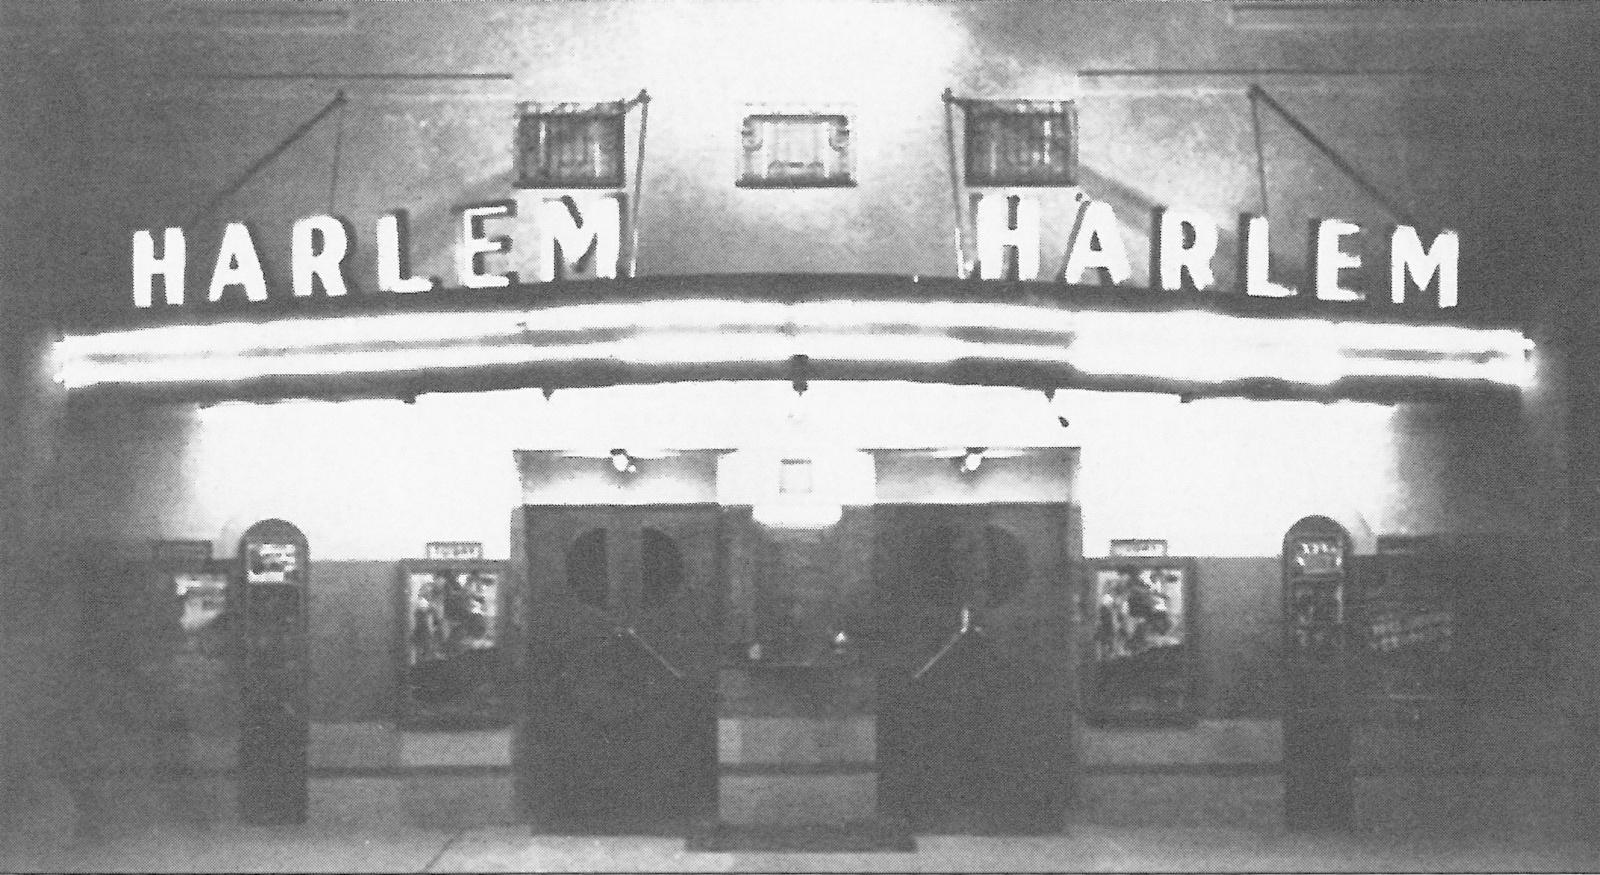 HarlemTheater